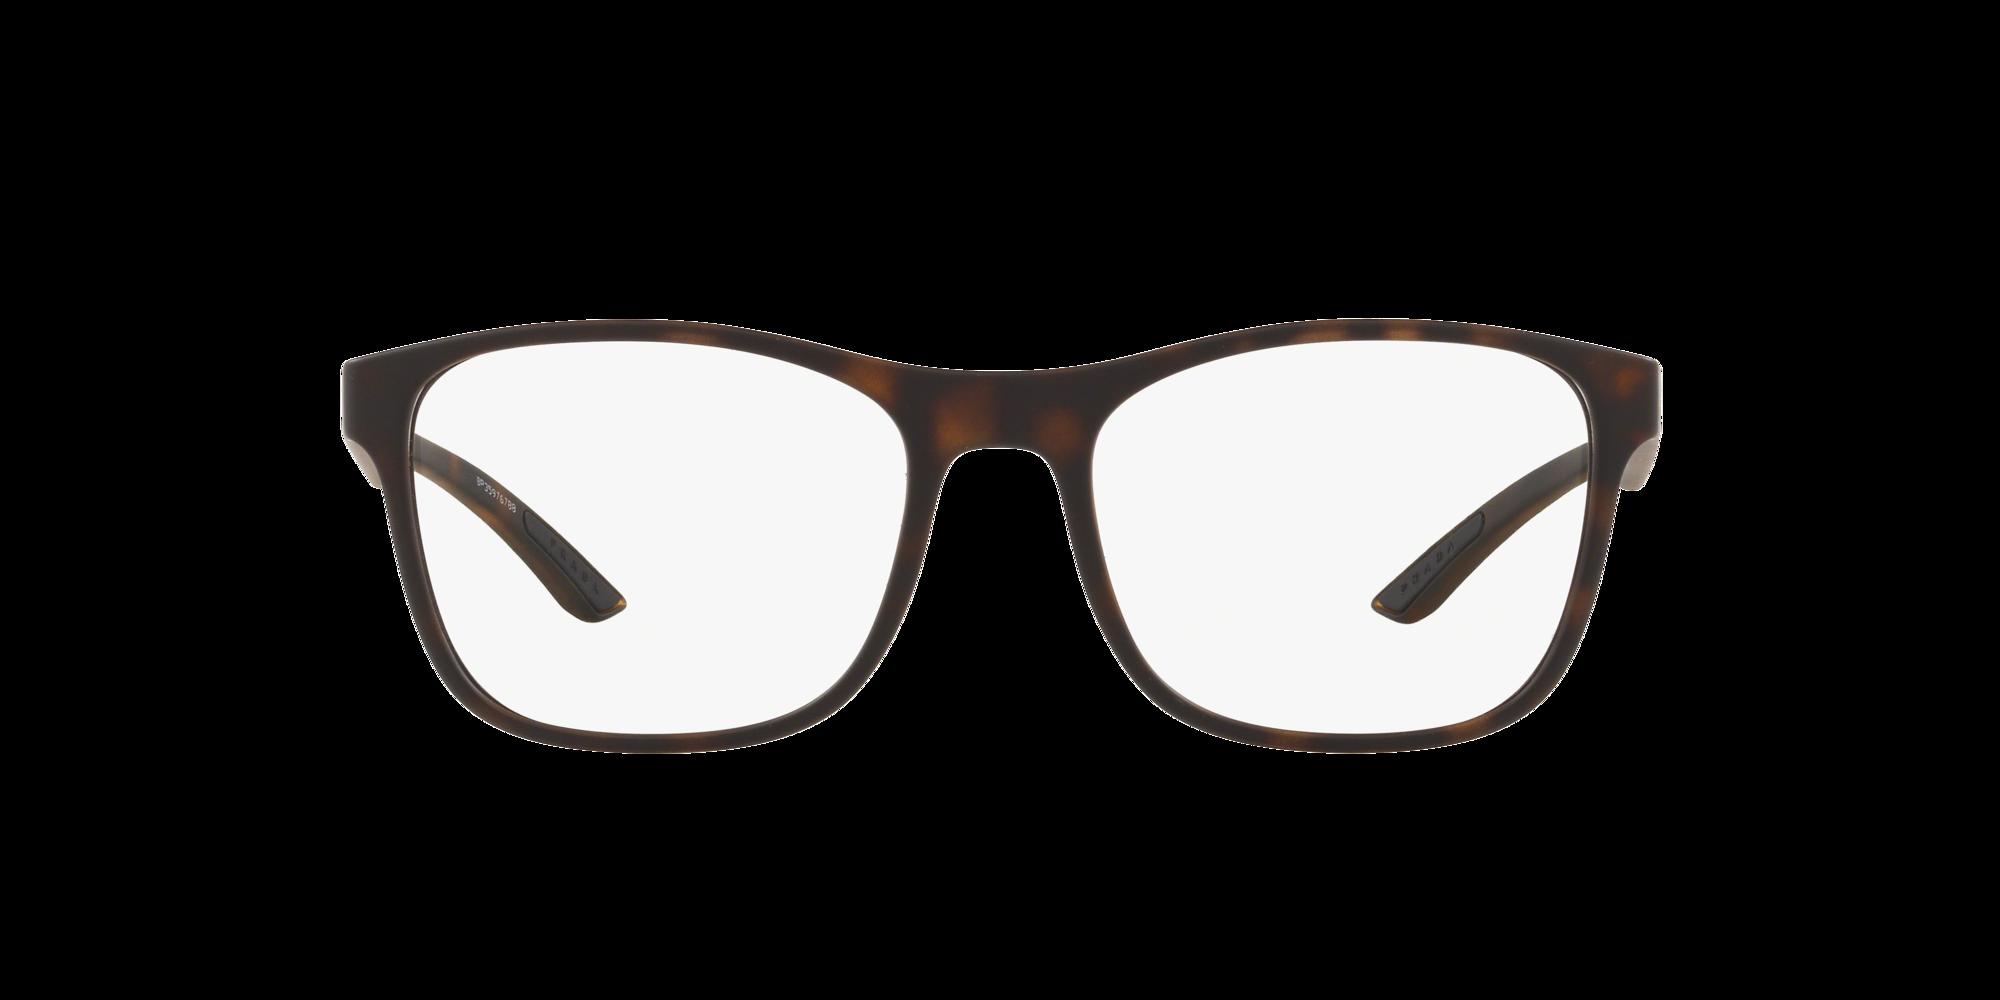 Imagen para PS 08GV LIFESTYLE de LensCrafters    Espejuelos, espejuelos graduados en línea, gafas